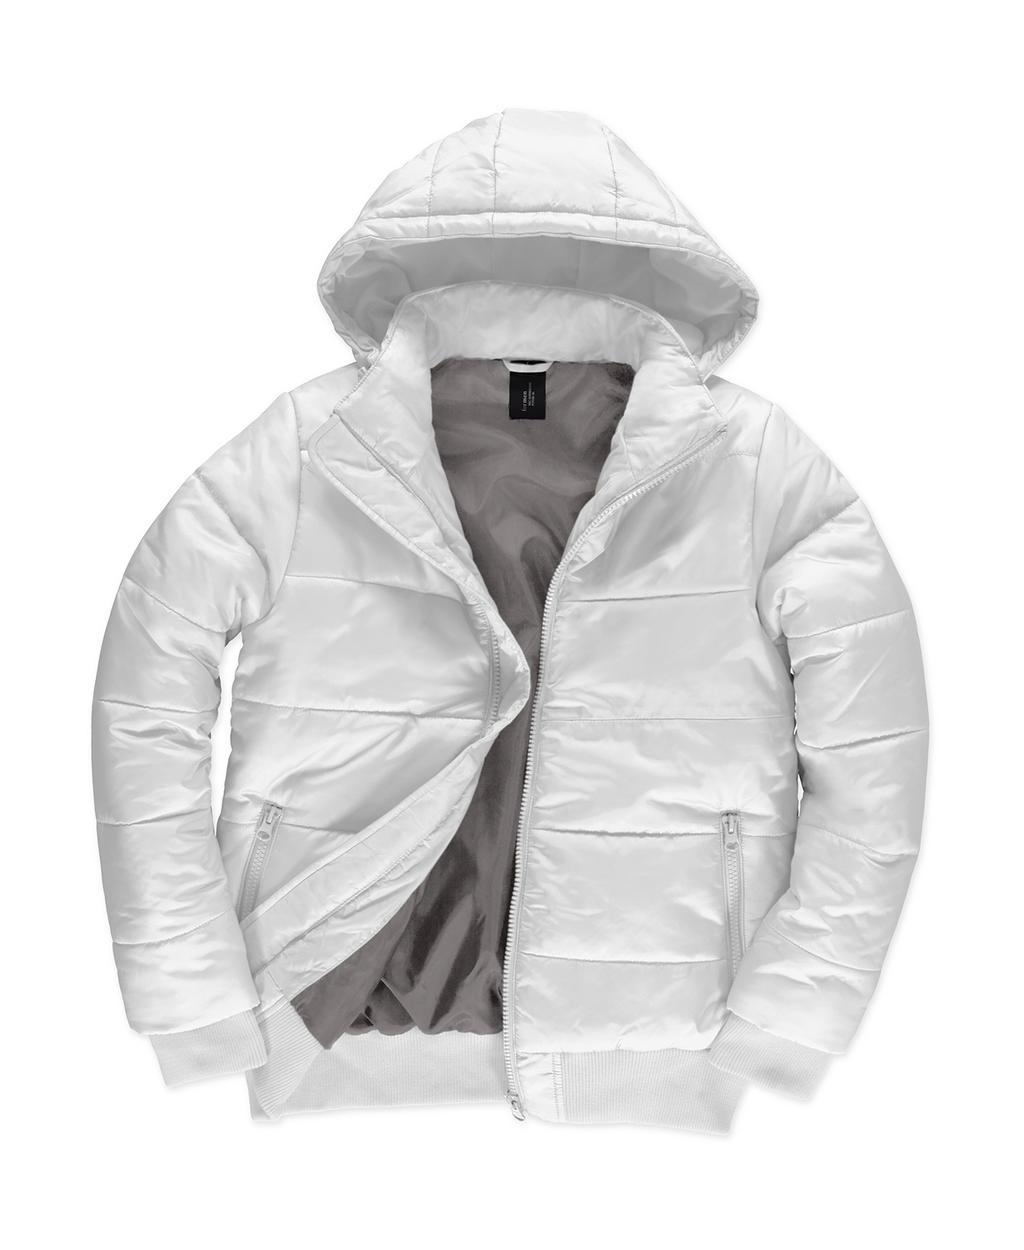 Superhood/men Jacket